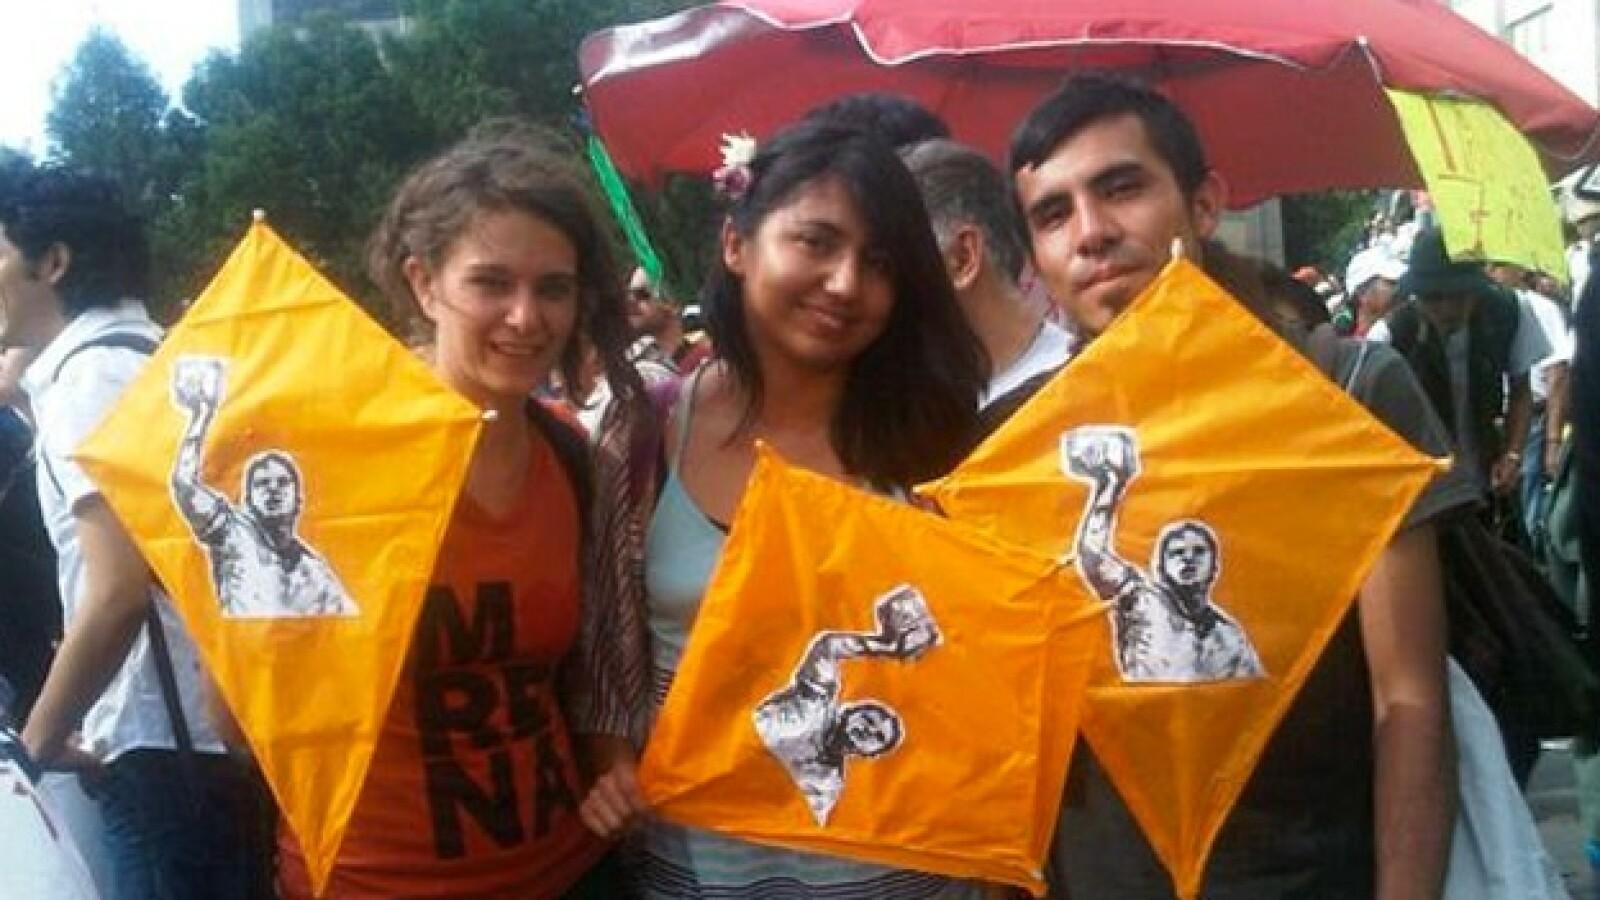 Estudiantes de la escuela de artes hacen papalotes en apoyo al candidato López Obrador